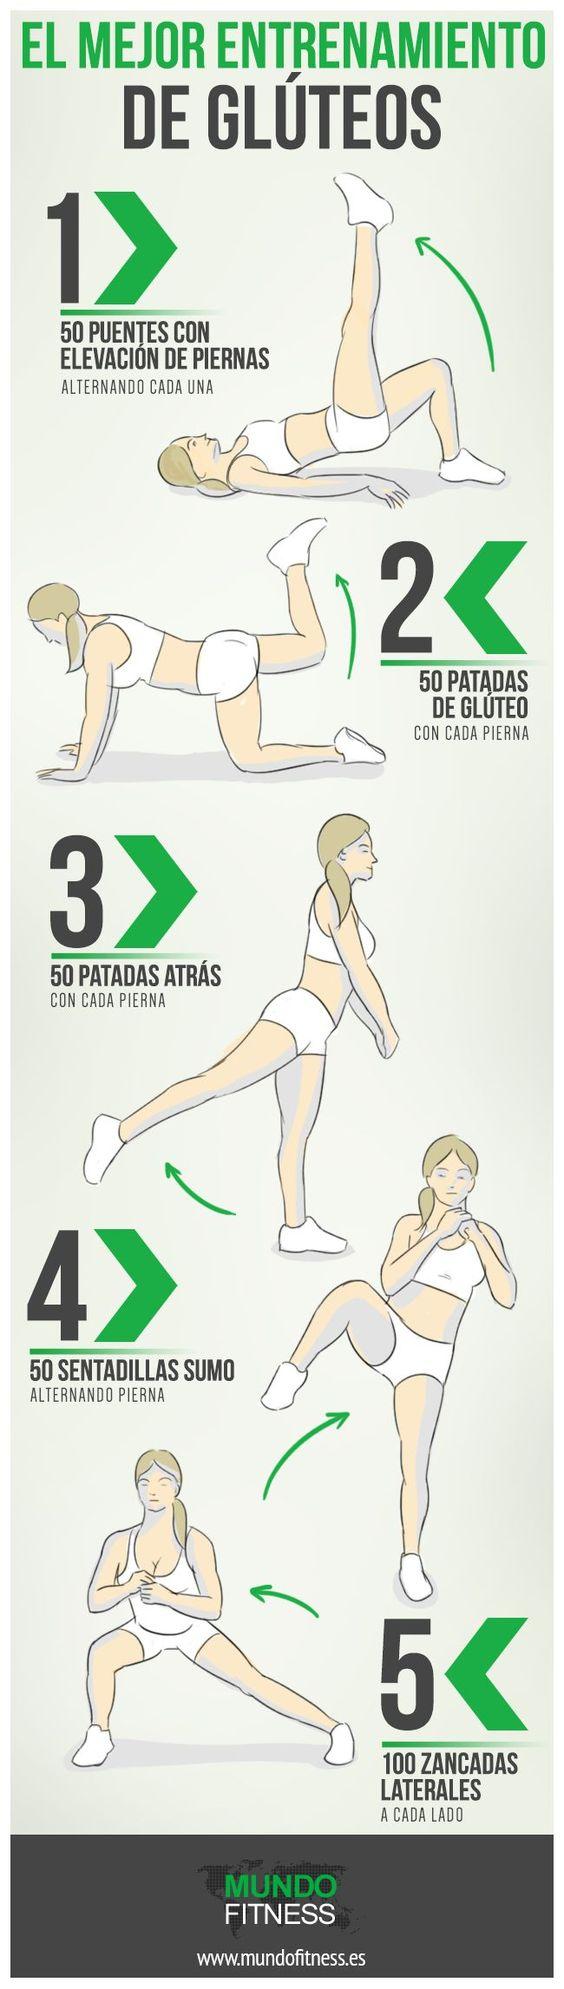 3 rutinas de ejercicios rápidos para tus vacaciones